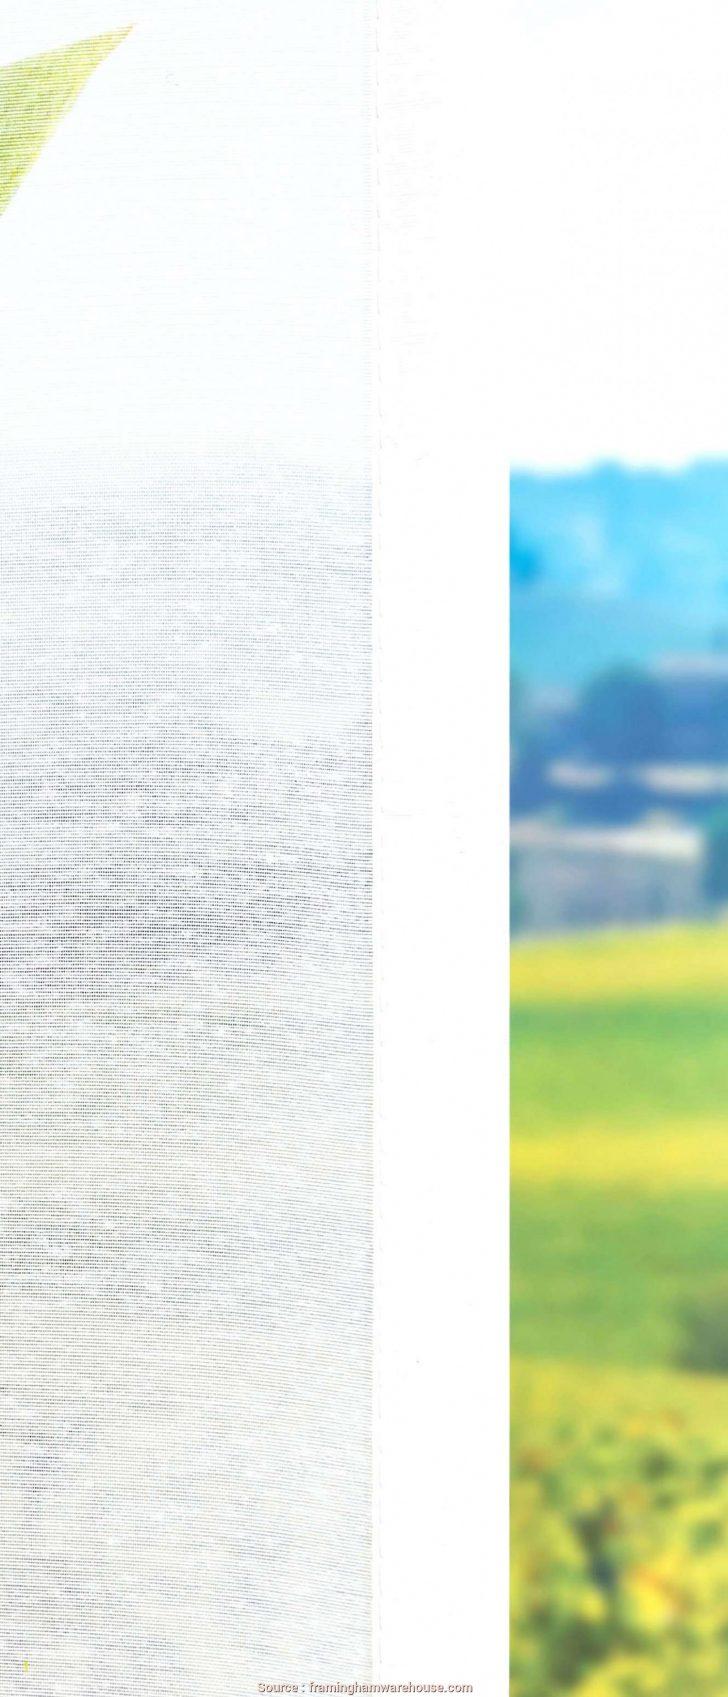 Medium Size of Ikea Stoffe Sonnenschutz Sichtschutzfolien Für Fenster Betten 160x200 Küche Kaufen Kosten Sofa Mit Schlaffunktion Sichtschutz Sichtschutzfolie Garten Holz Wohnzimmer Sichtschutz Balkon Ikea